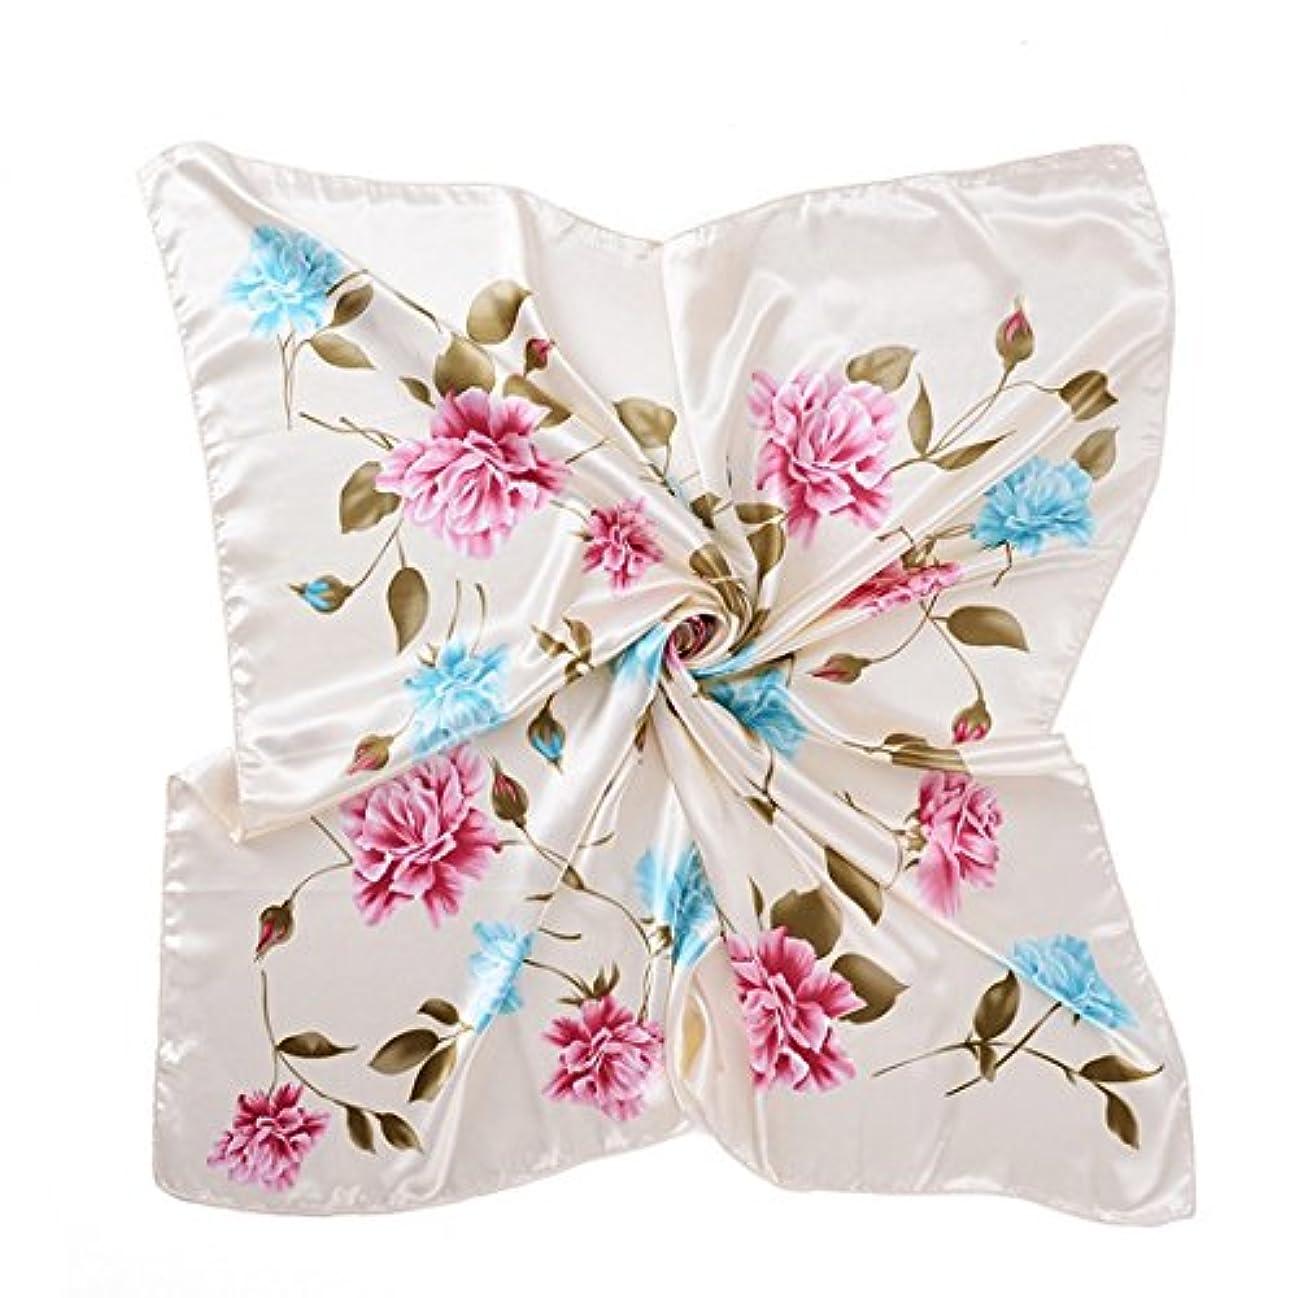 率直なぼろくKTYX ファッションは、正方形のスカーフサテンのシルクスカーフを印刷 スカーフ (色 : Hot, サイズ さいず : 90 * 90cm)